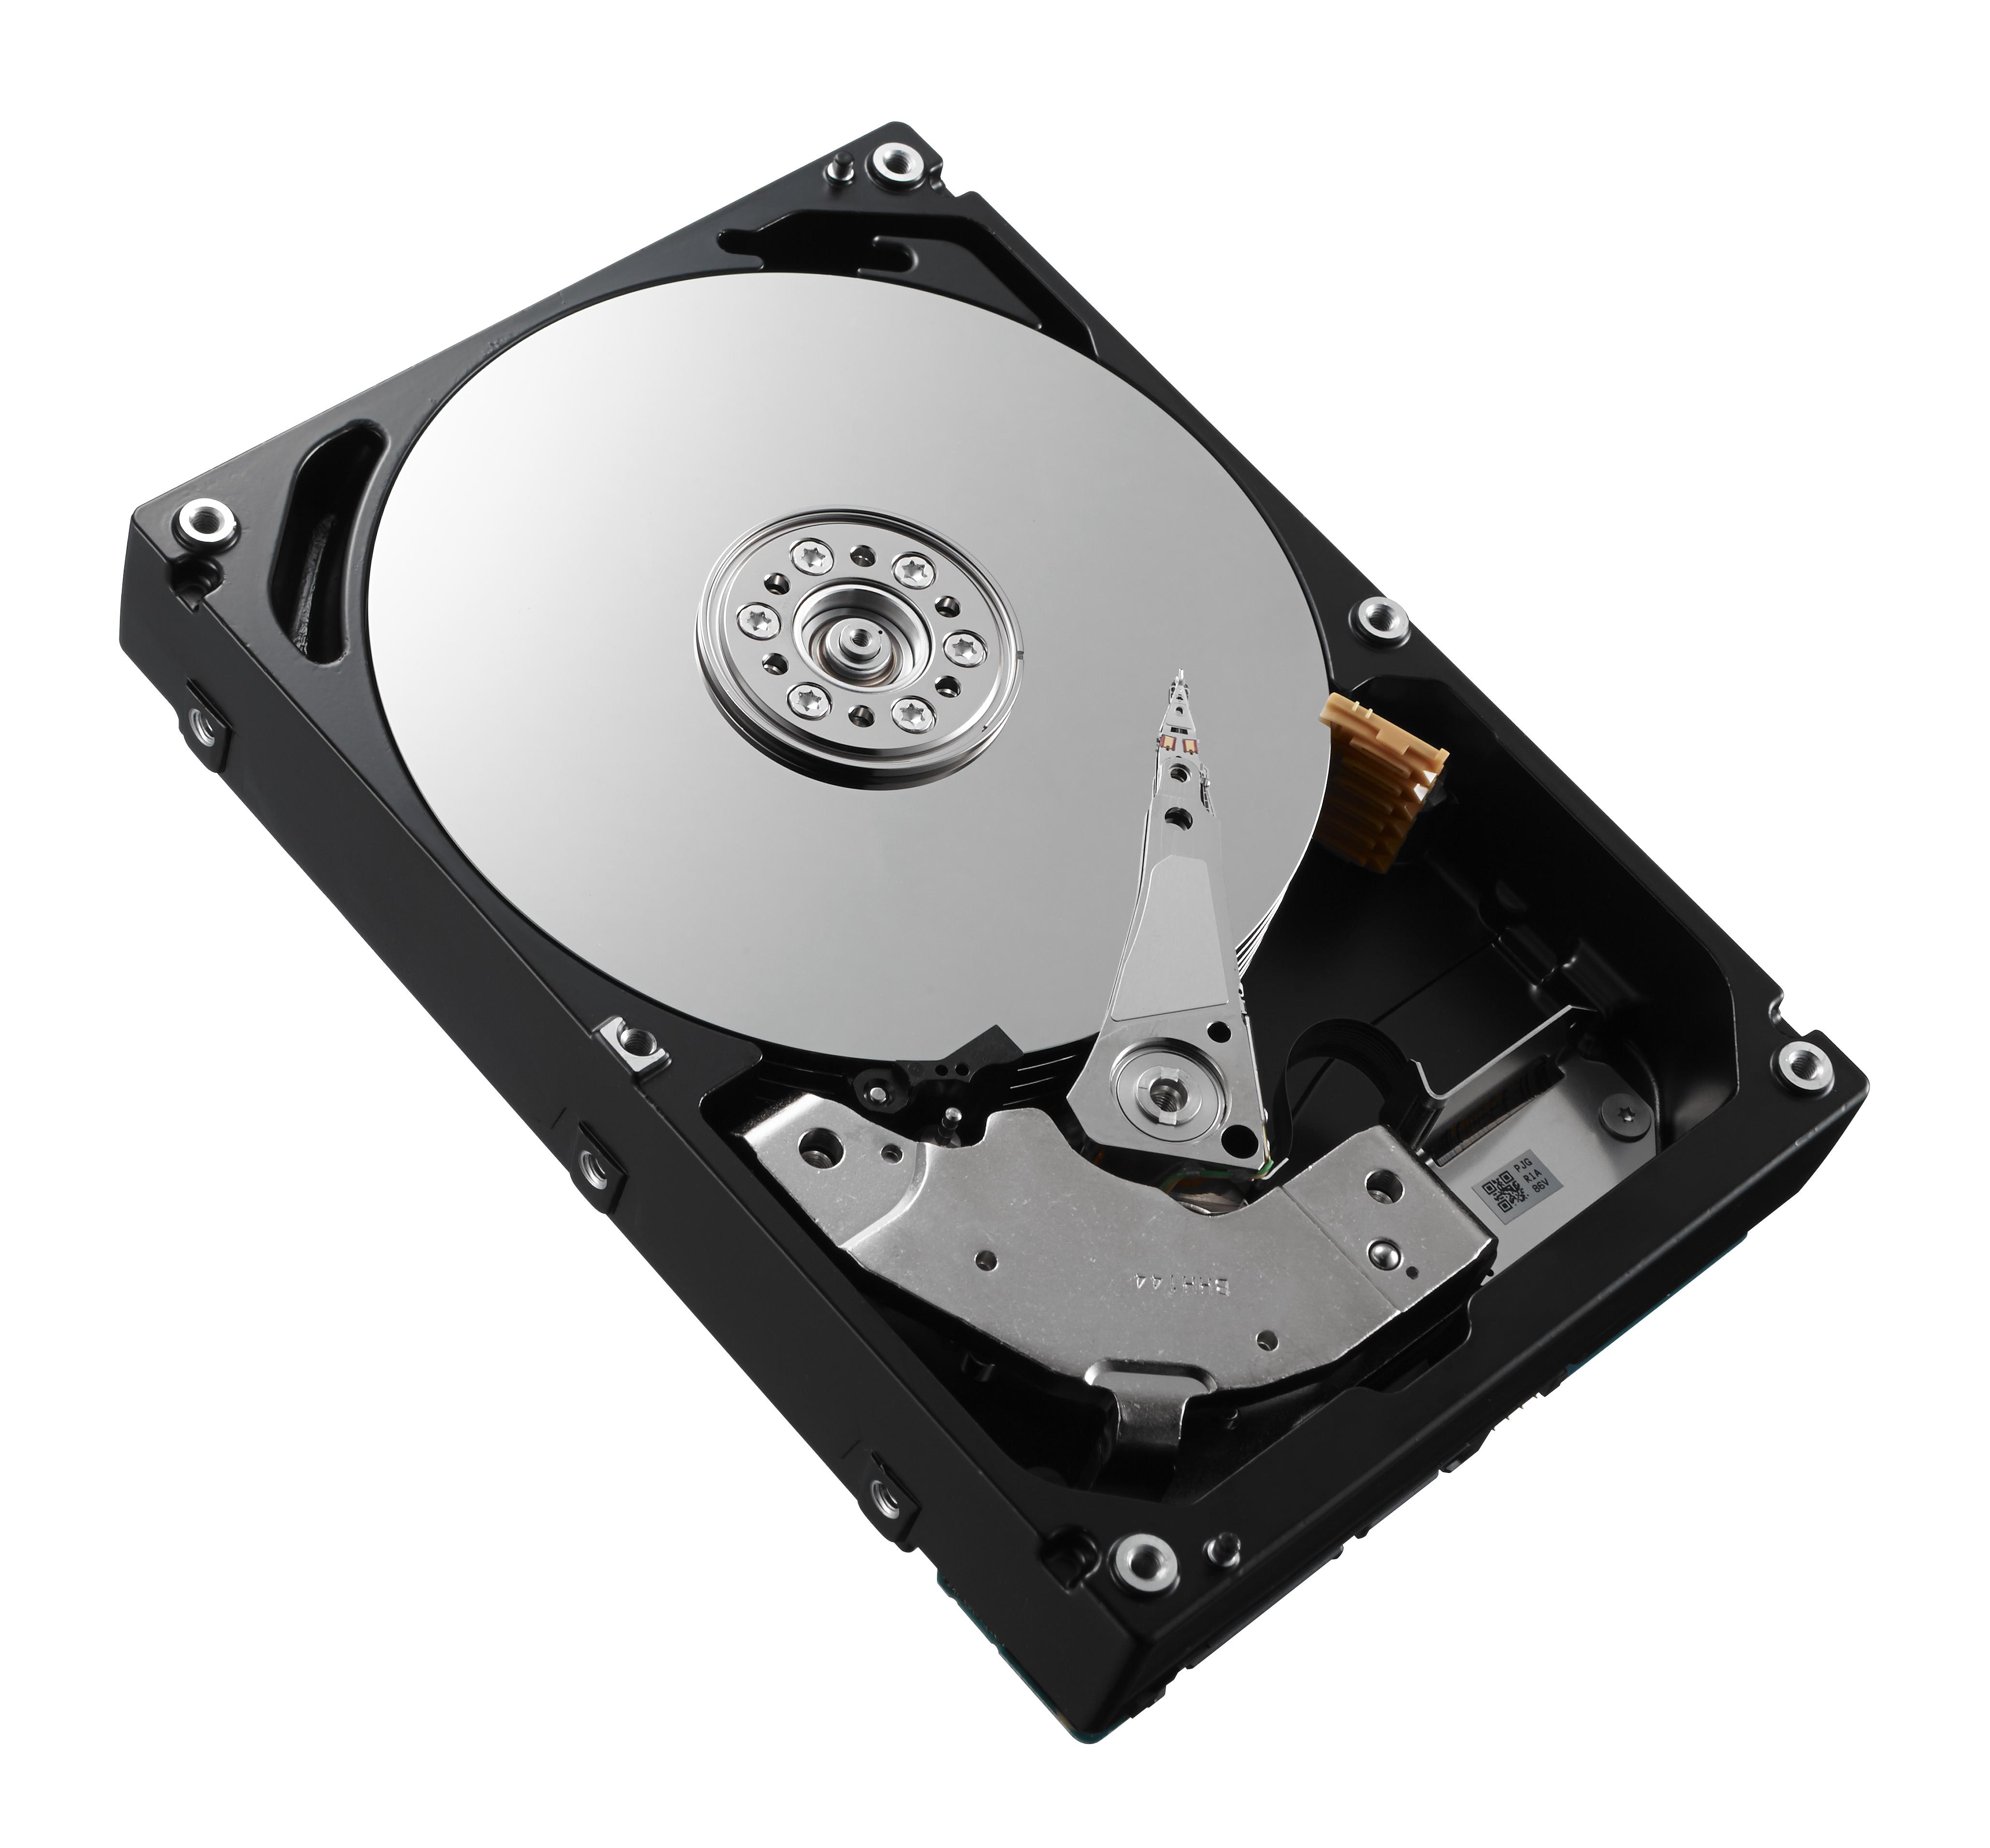 400-24966 DELL 600Gb 15K 3.5 6G SAS HDD Refurbished with 1 year warranty